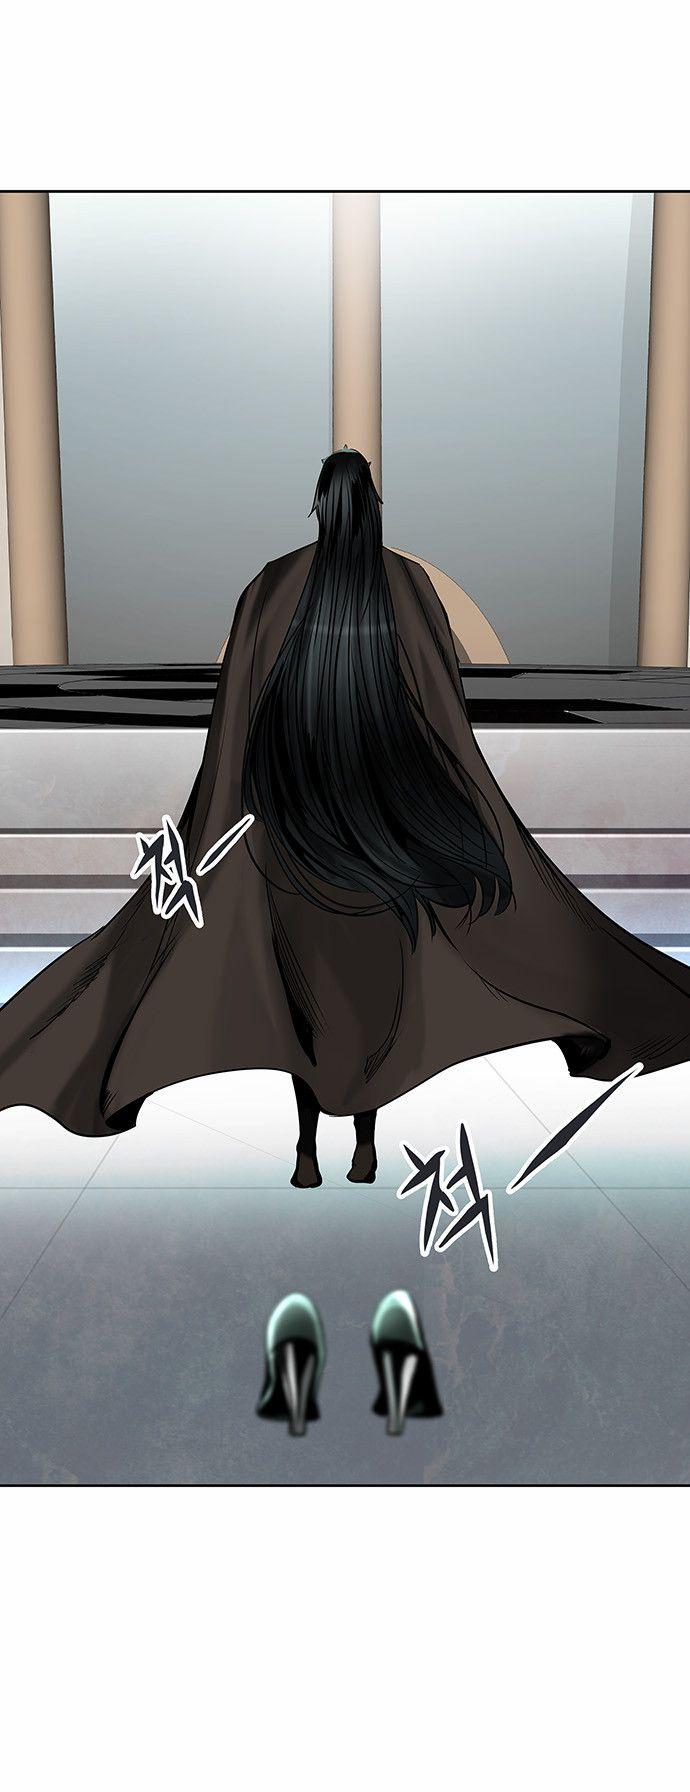 http://c5.ninemanga.com/es_manga/pic2/21/149/513715/e2d8381557885b9b7f8cb36dc1fa35f0.jpg Page 6